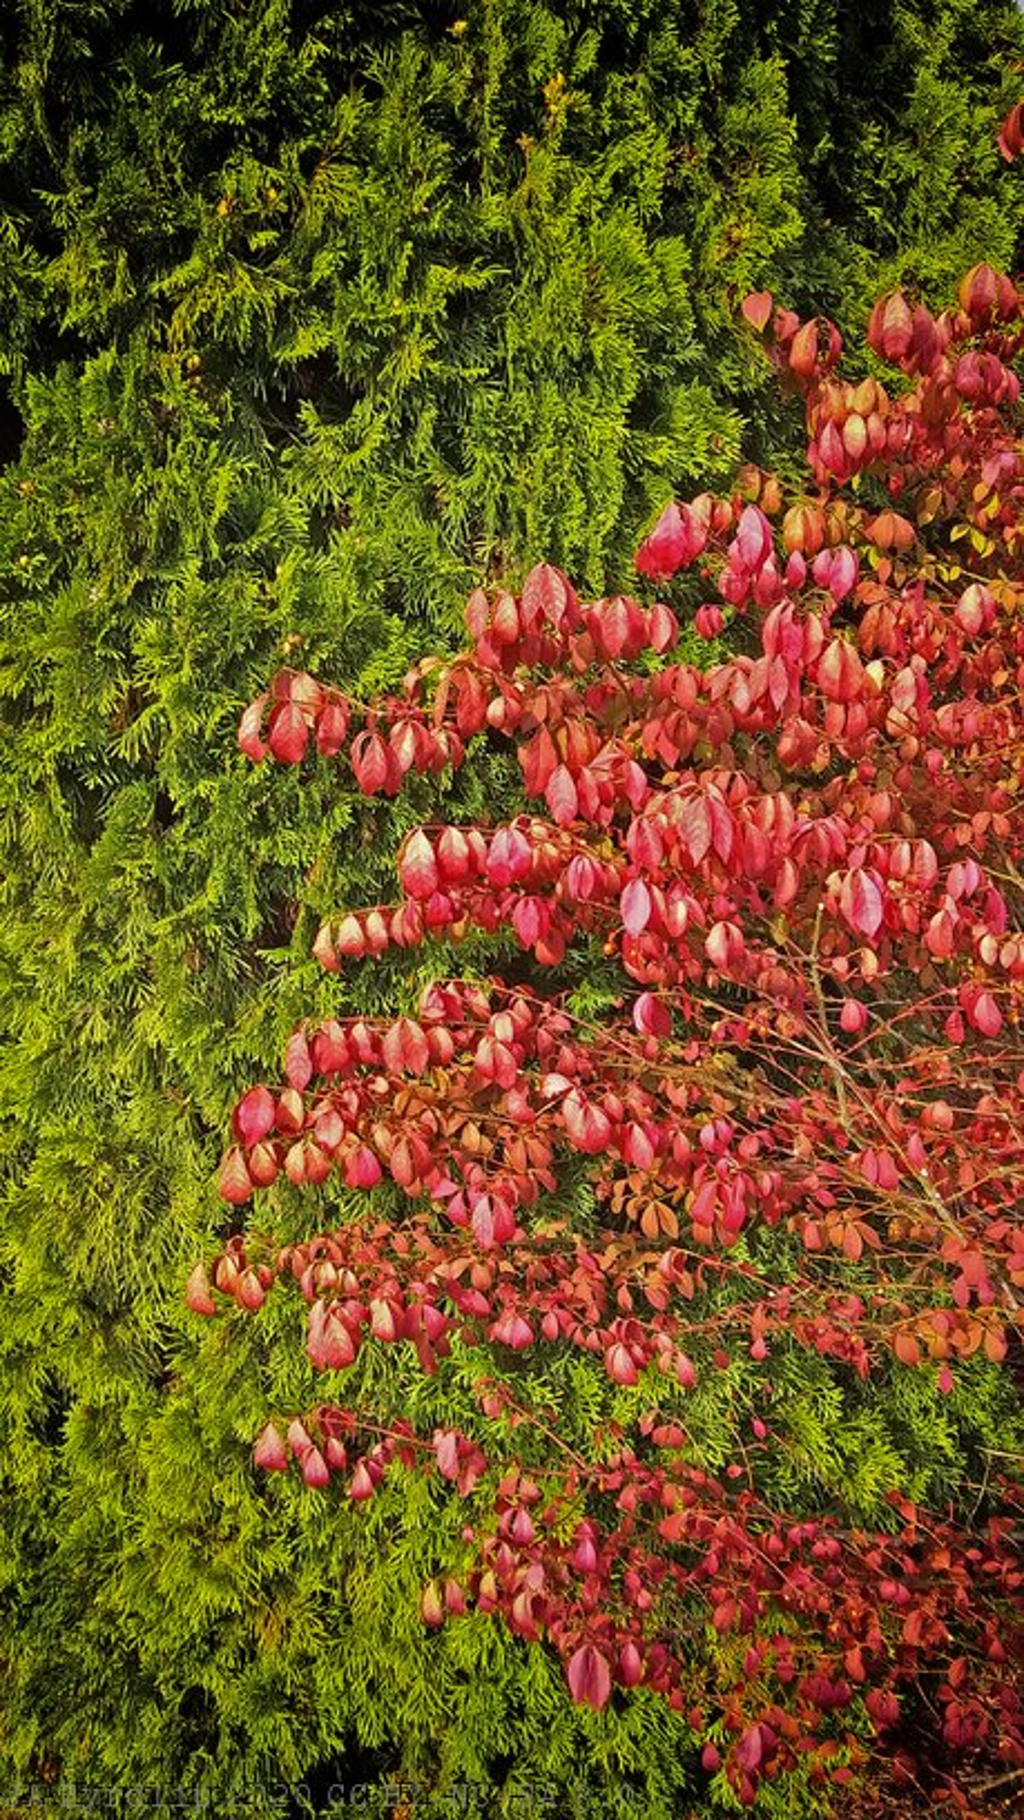 Changing Season - 10 Oct 2020 by byrdlip